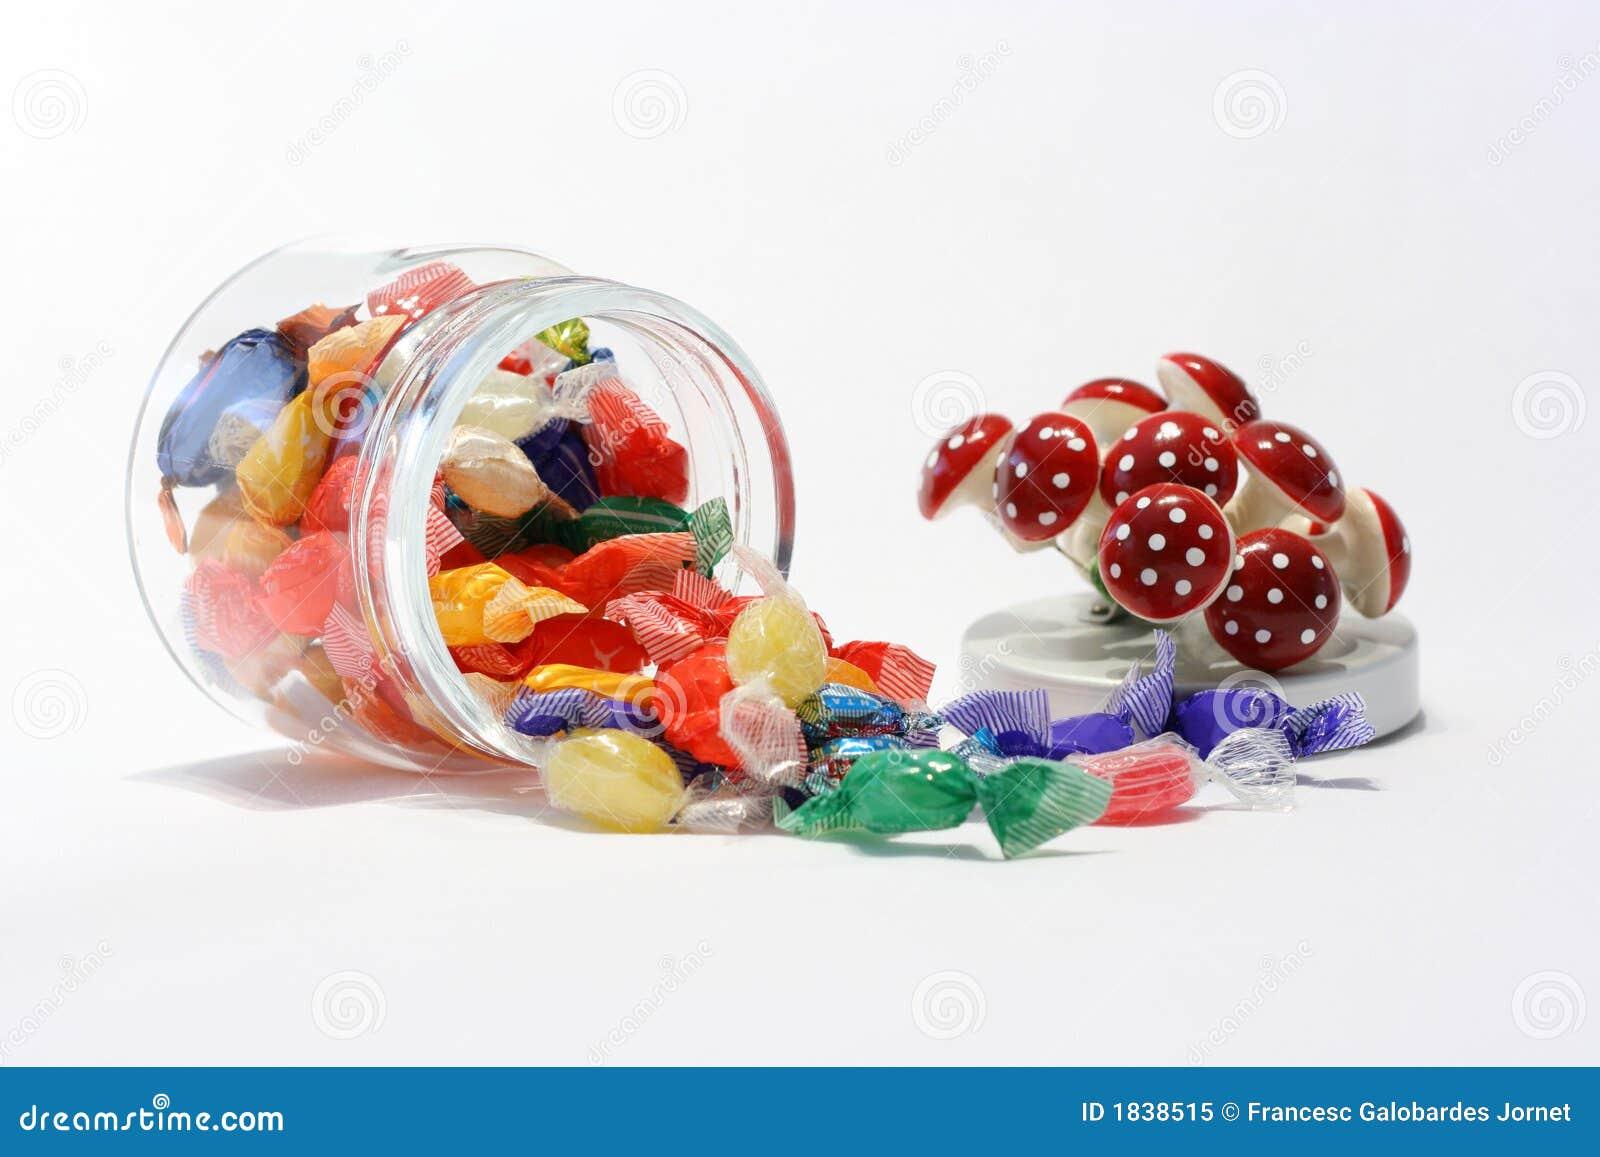 糖果装饰瓶子盒盖